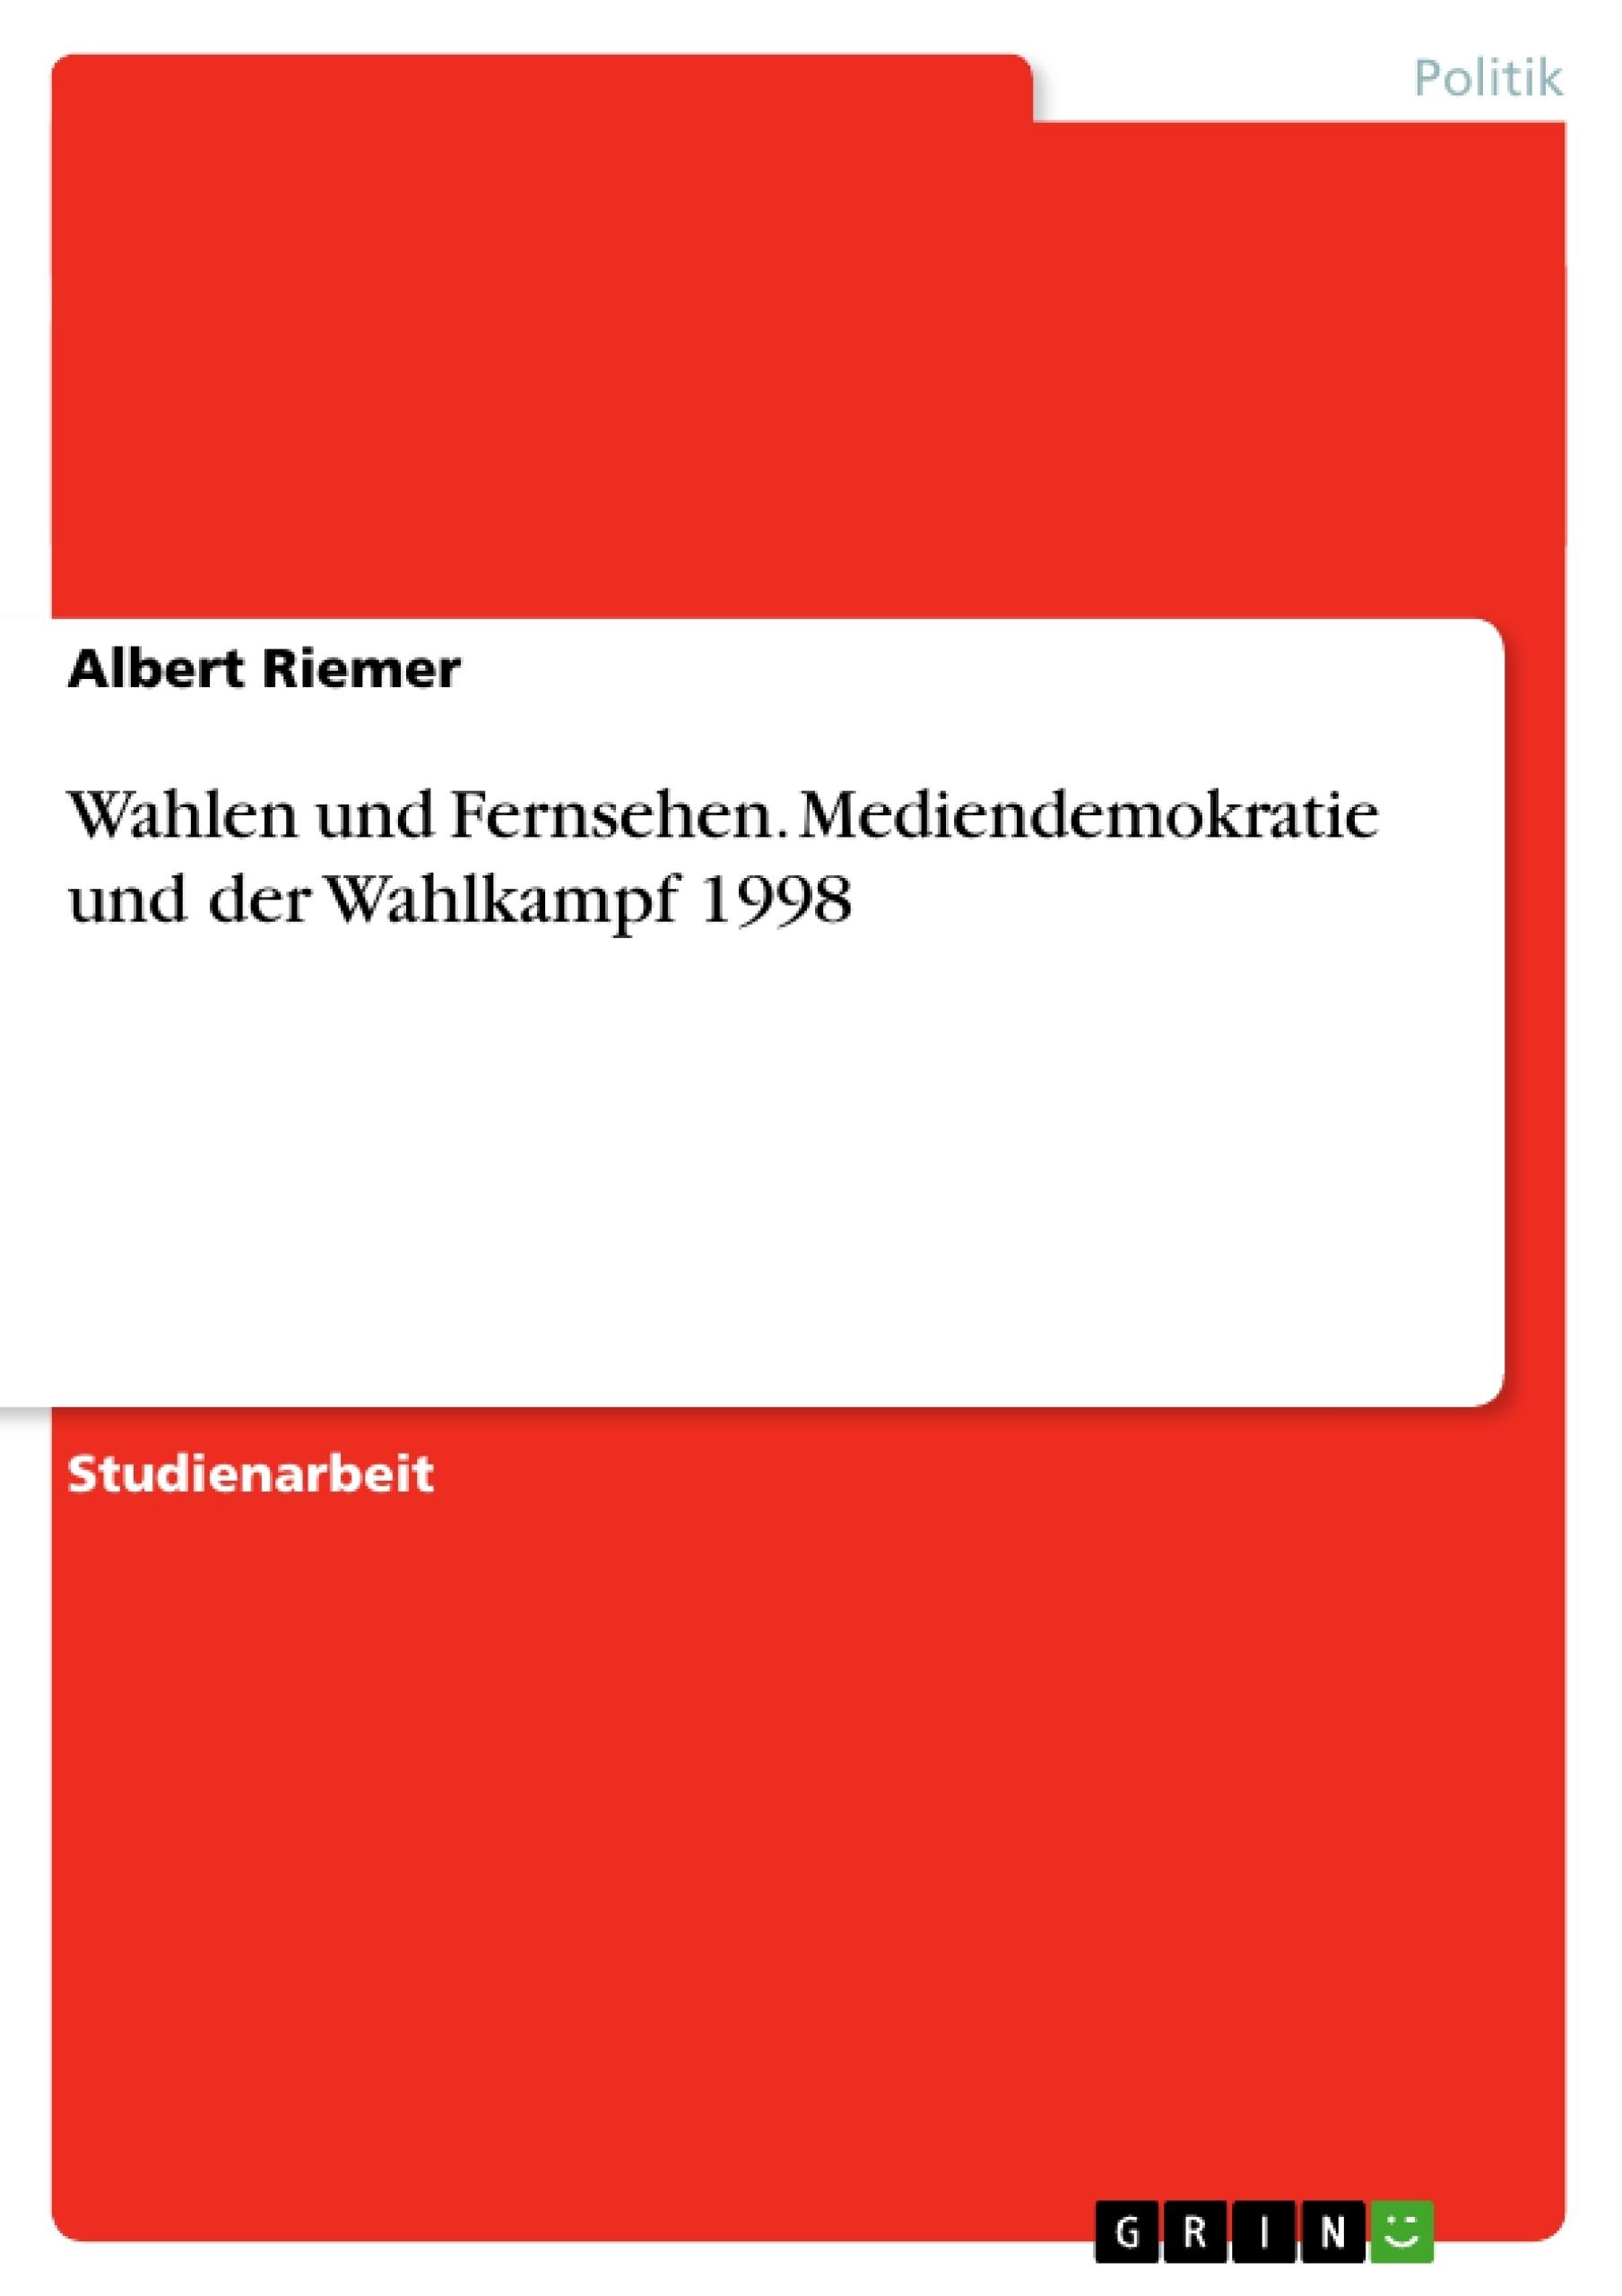 Titel: Wahlen und Fernsehen. Mediendemokratie und der Wahlkampf 1998